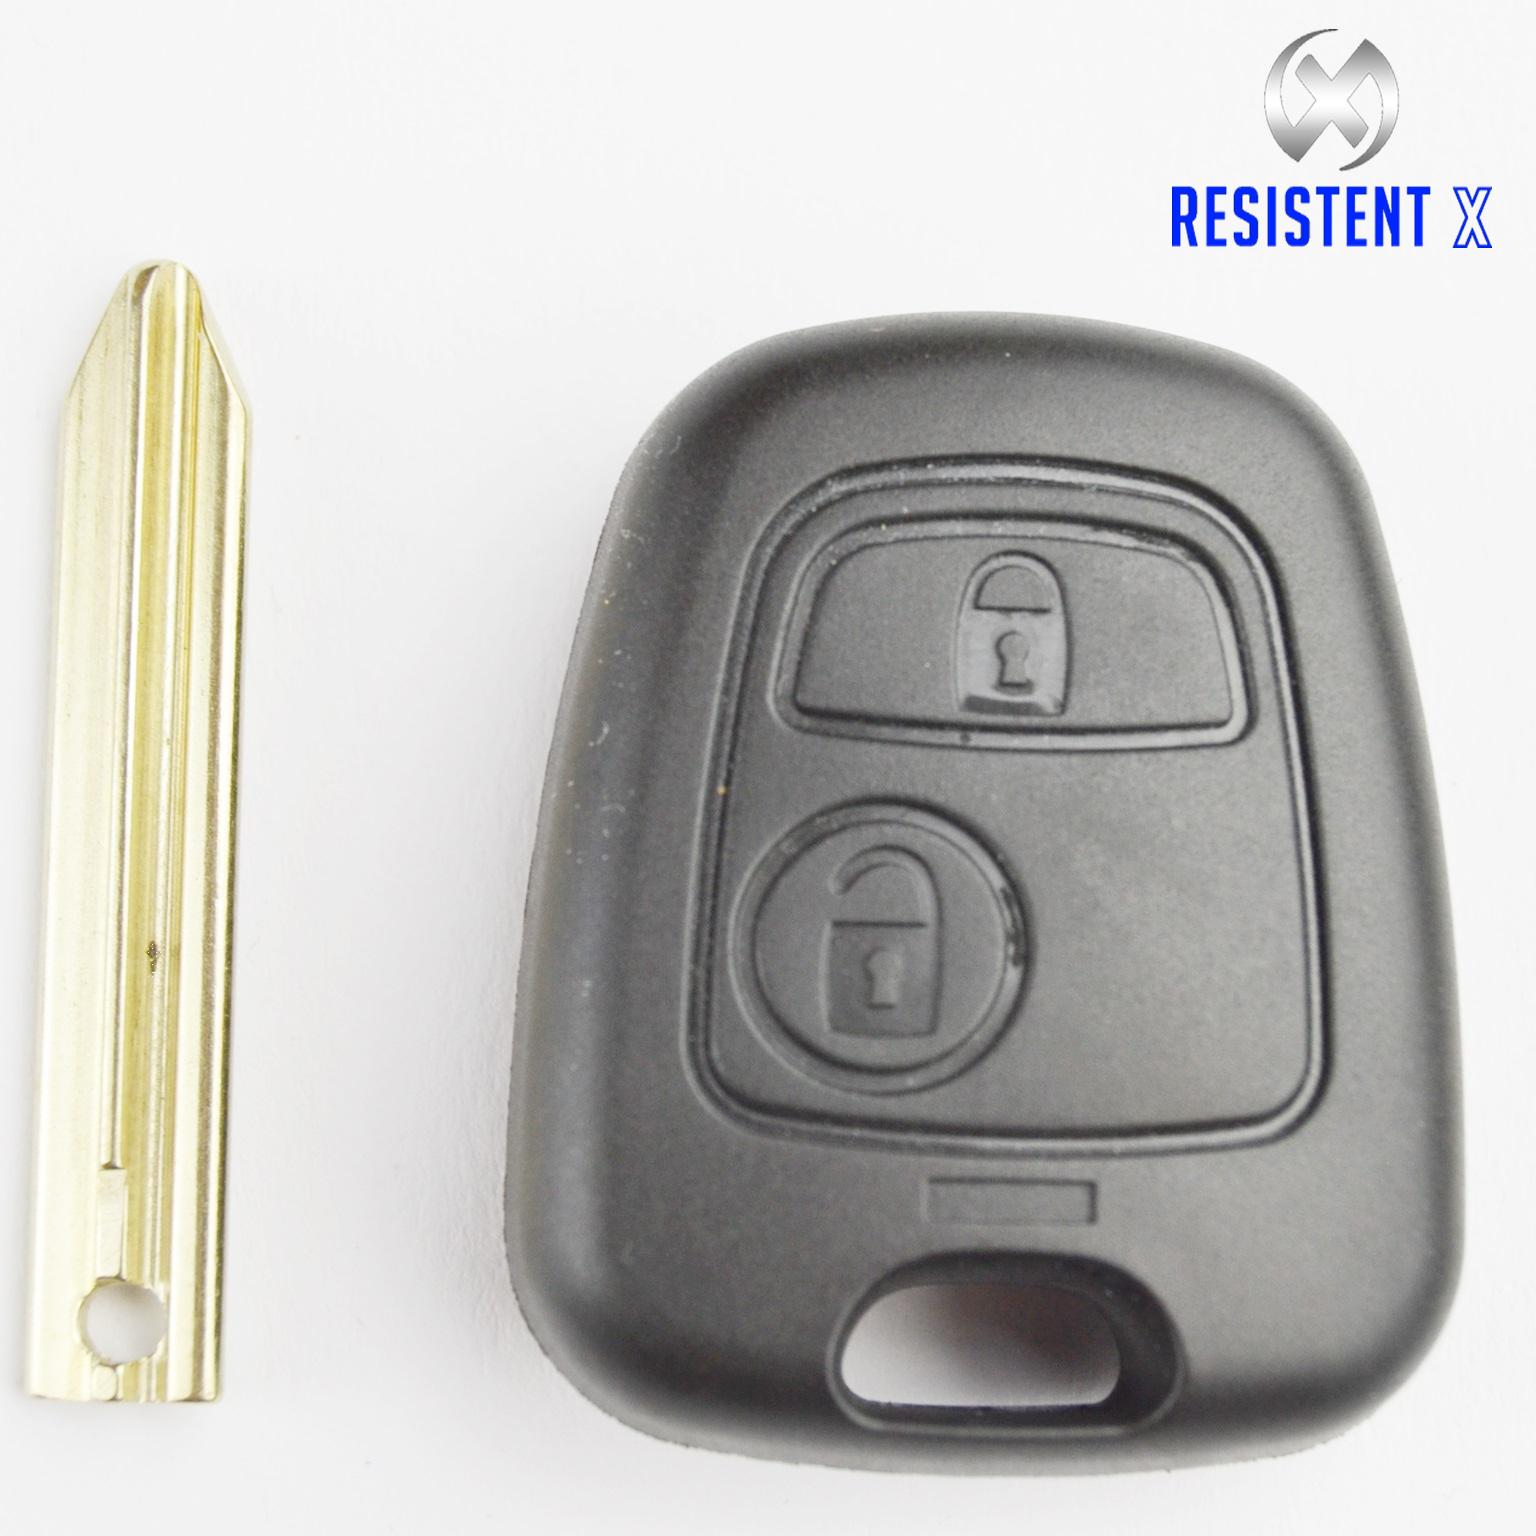 C217 Ersatz-Gehäuse Schlüssel für 2 Tasten Fernbedienung Citroen,Peugeot,Renault